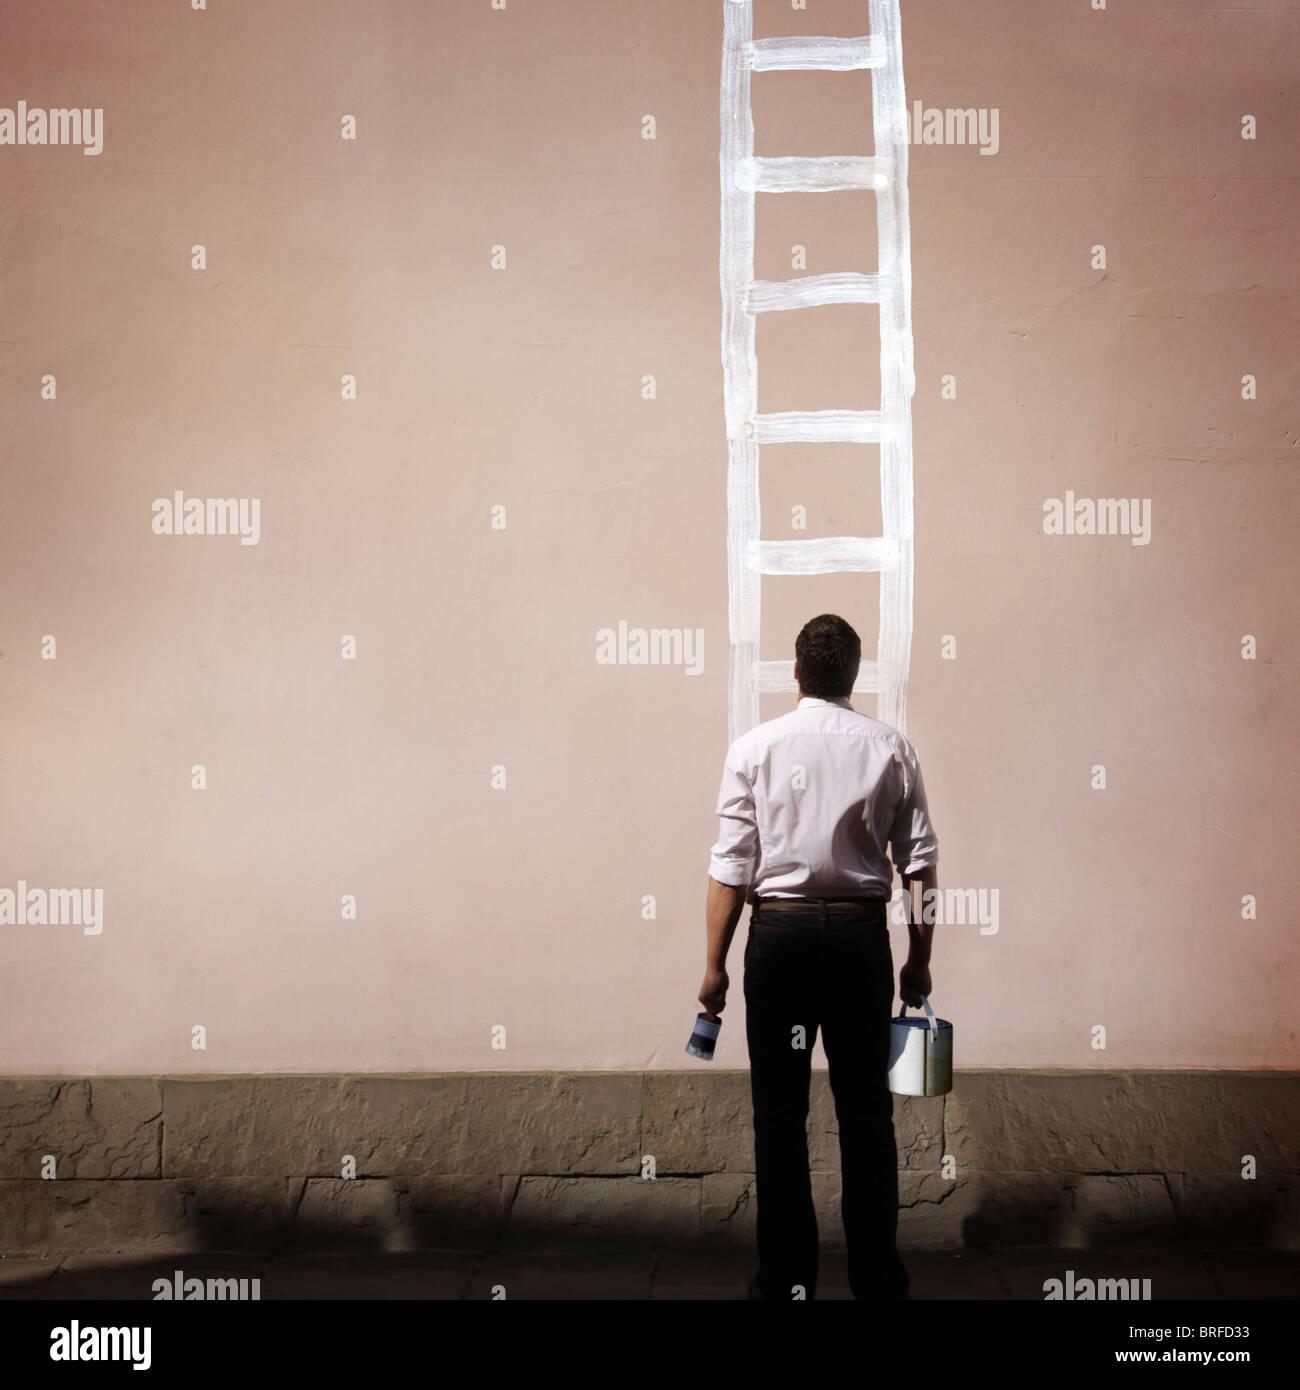 Hombre con escalera pintado en la pared Imagen De Stock